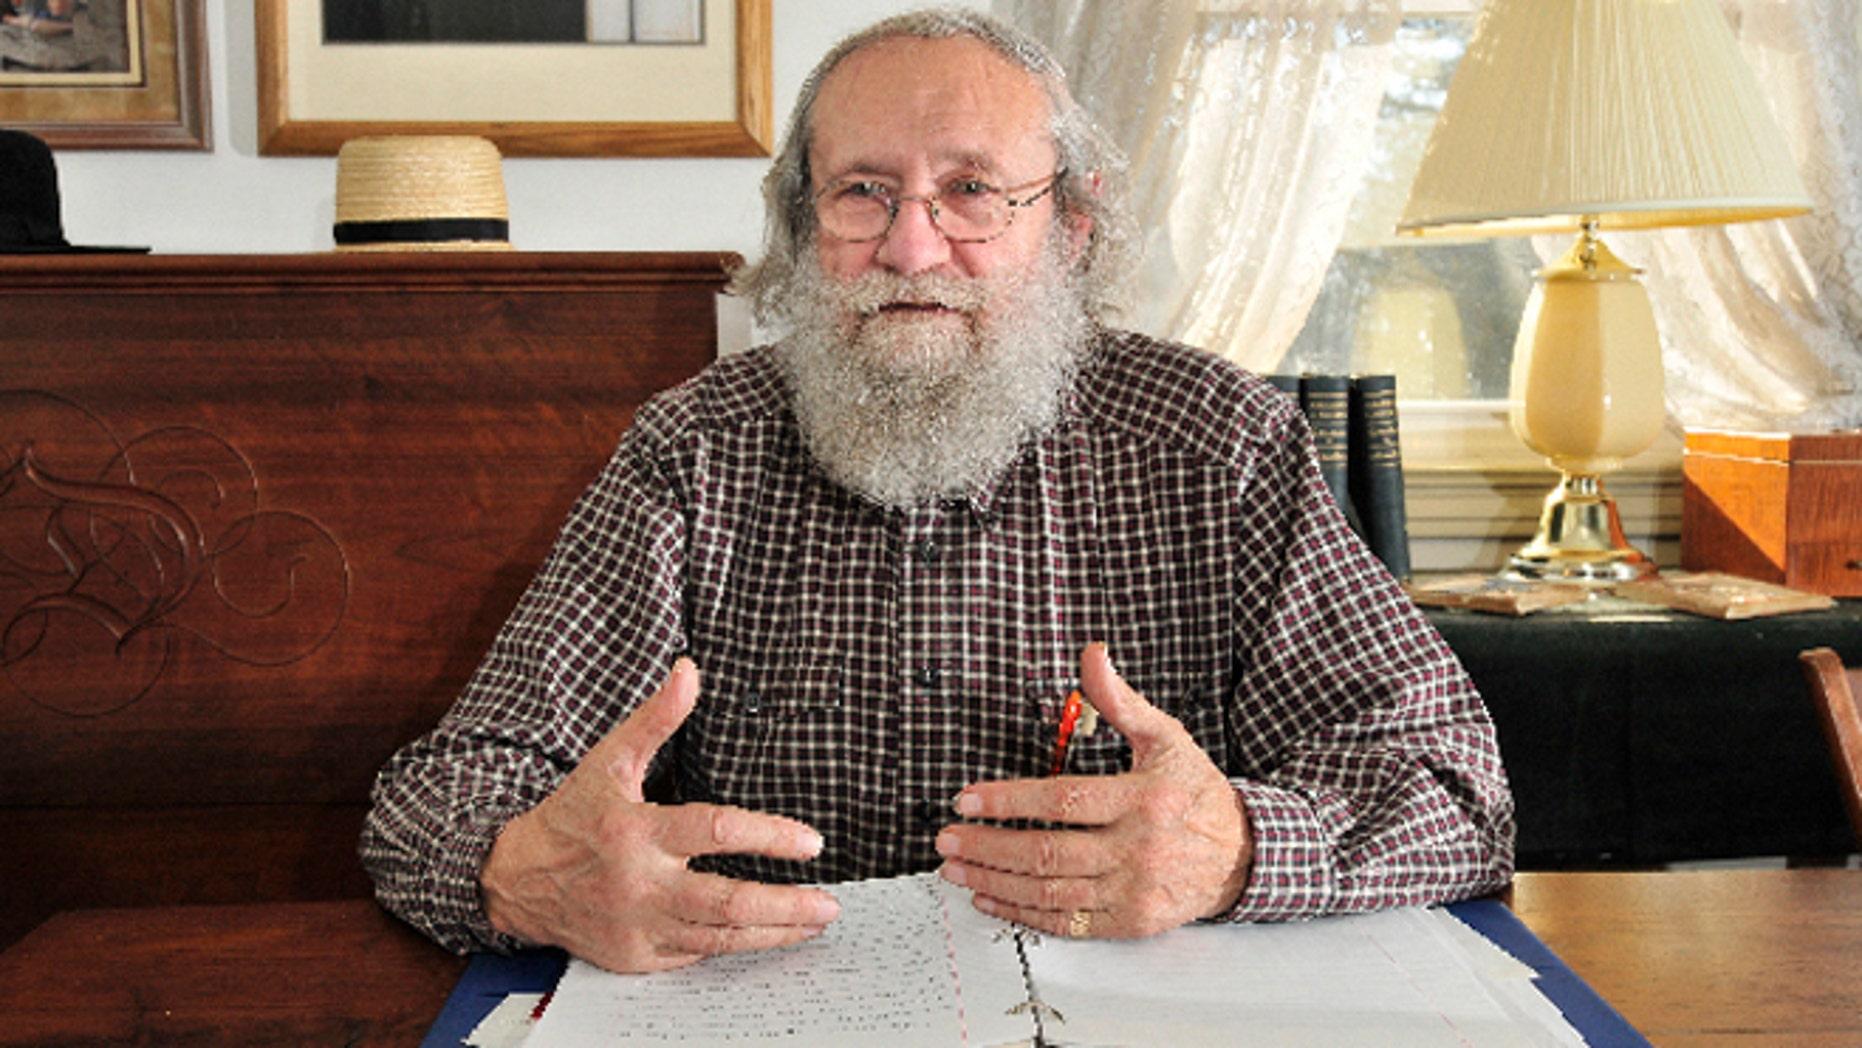 Joseph Hirt in 2011. (Suzette Wenger/LNP newspaper)